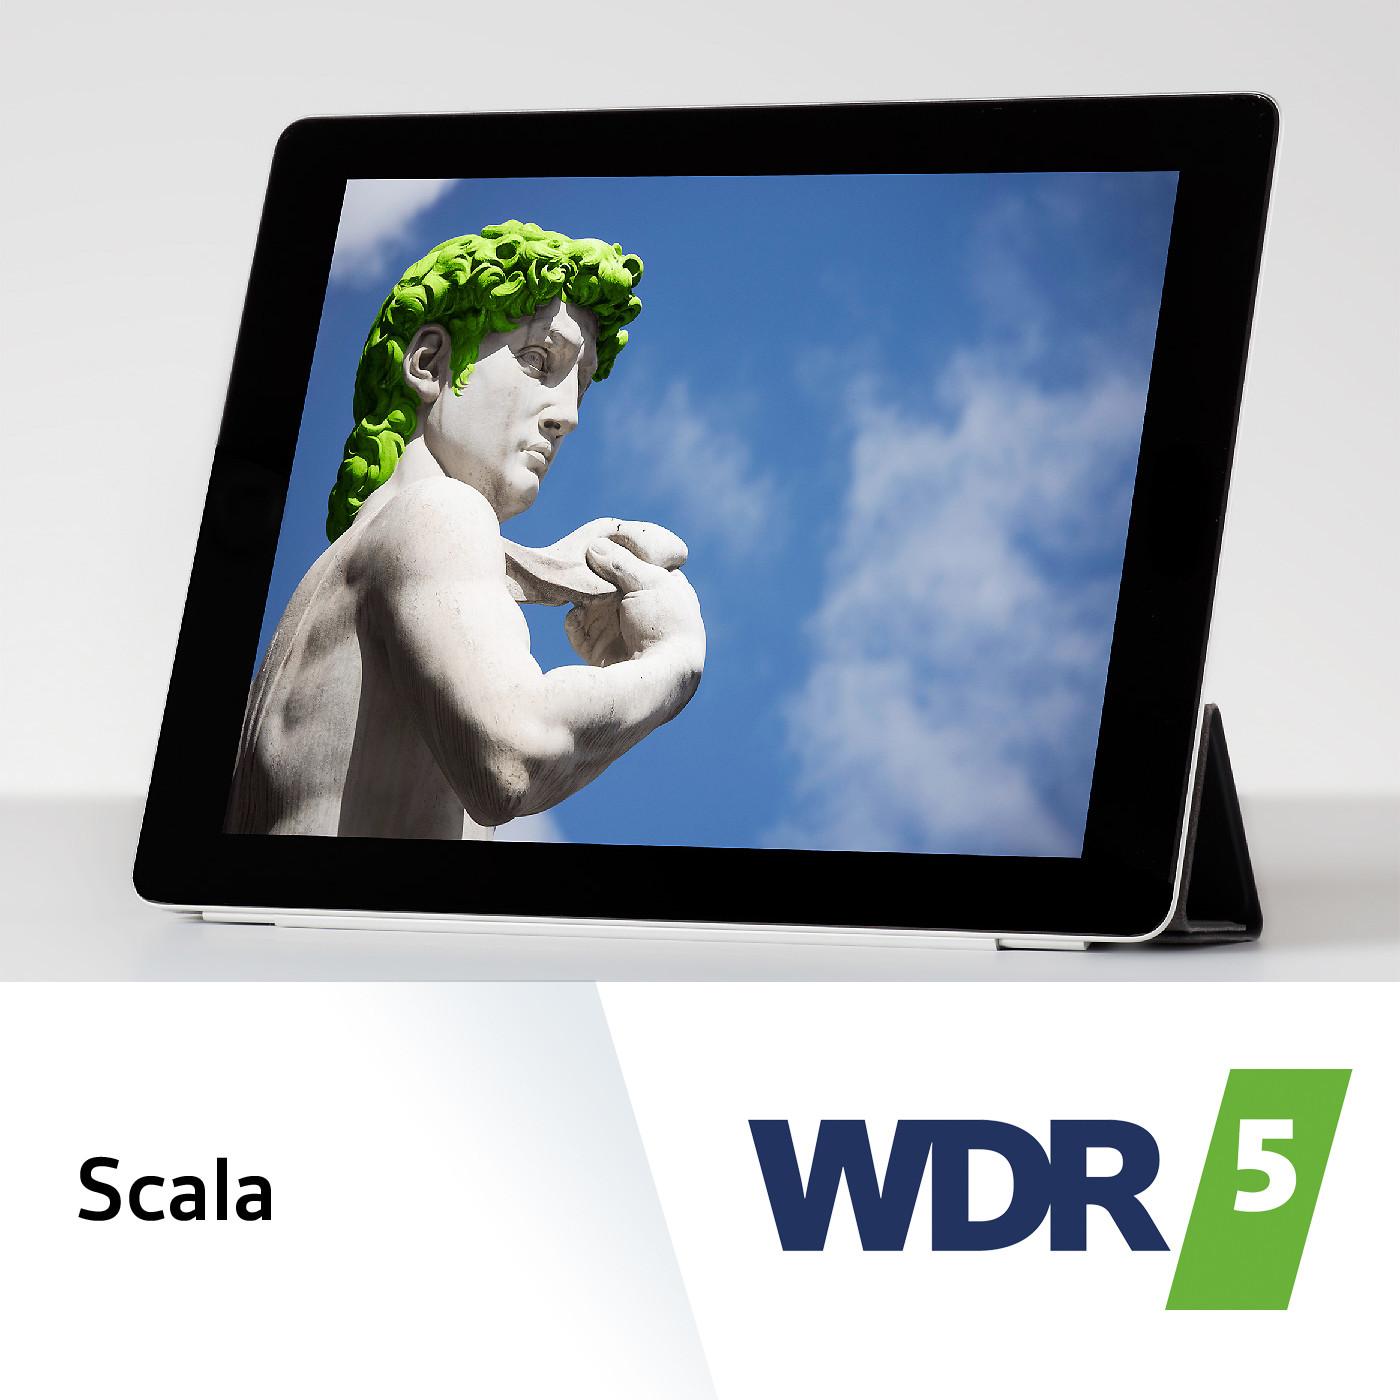 Wdr5 Scala